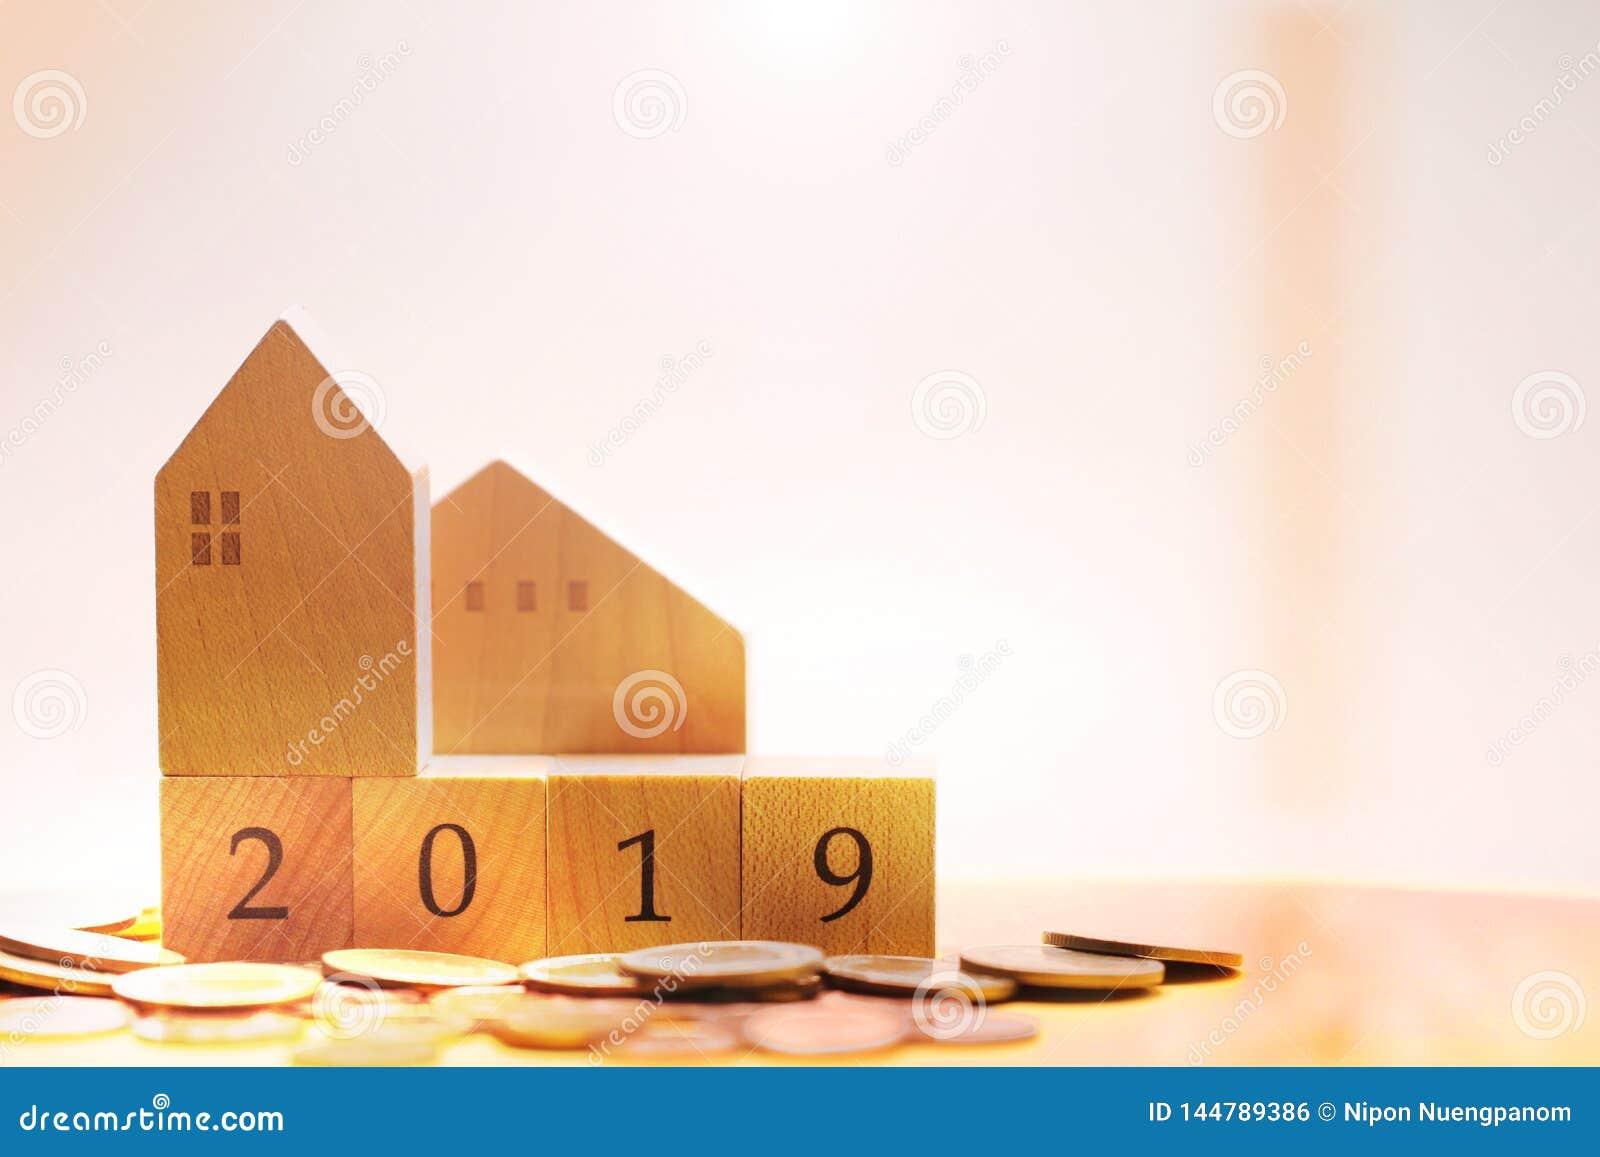 Drewniany dom z blokowymi liczbami roku 2019 otaczanie stosem monety